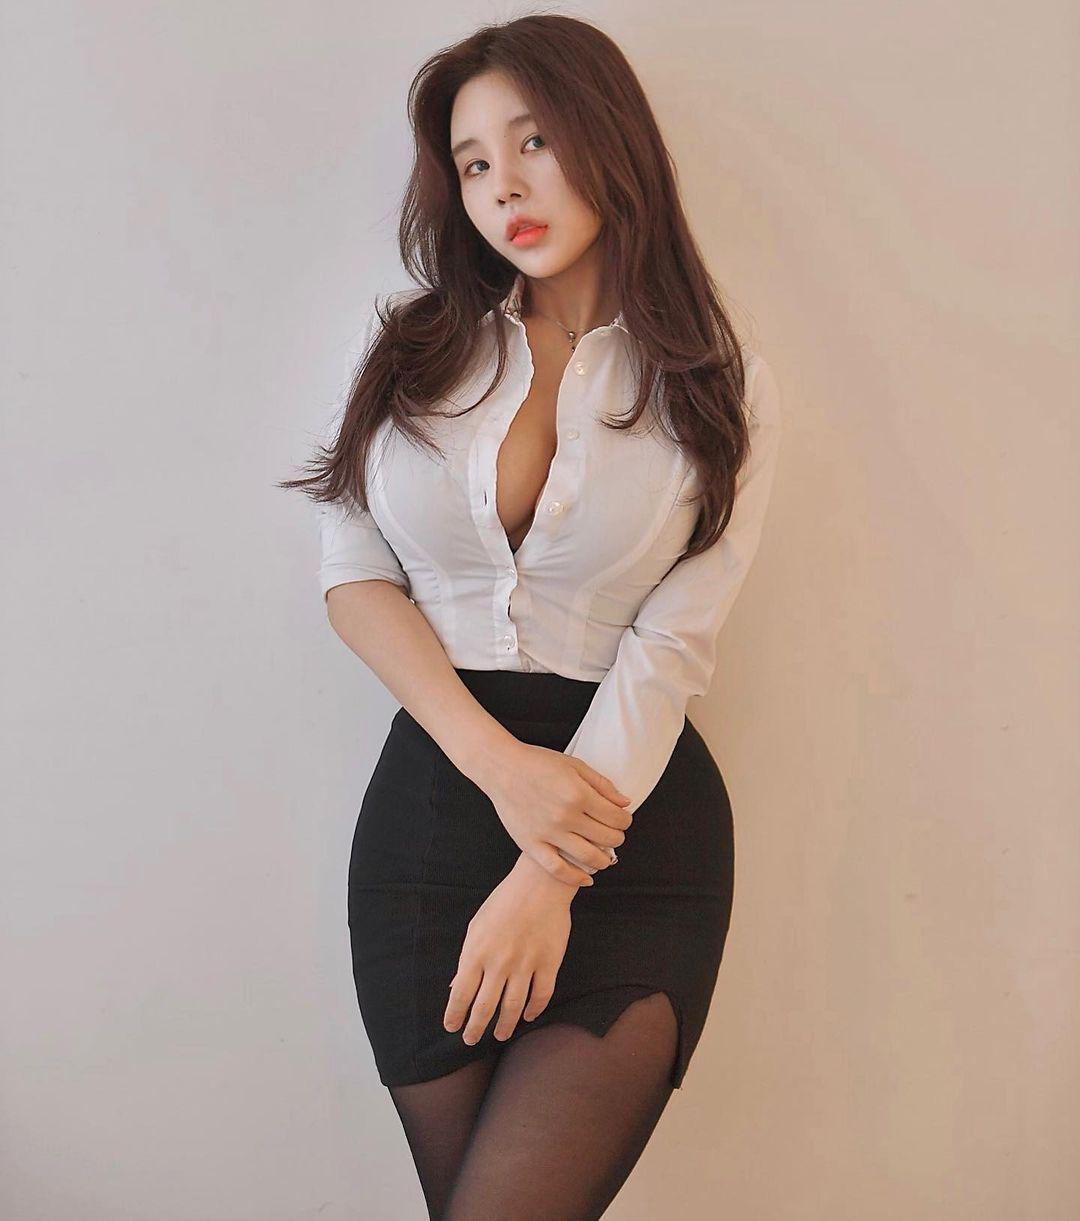 韩国网红美女zzyuridayo苗条身材OL制服太诱人 吃瓜基地 第3张